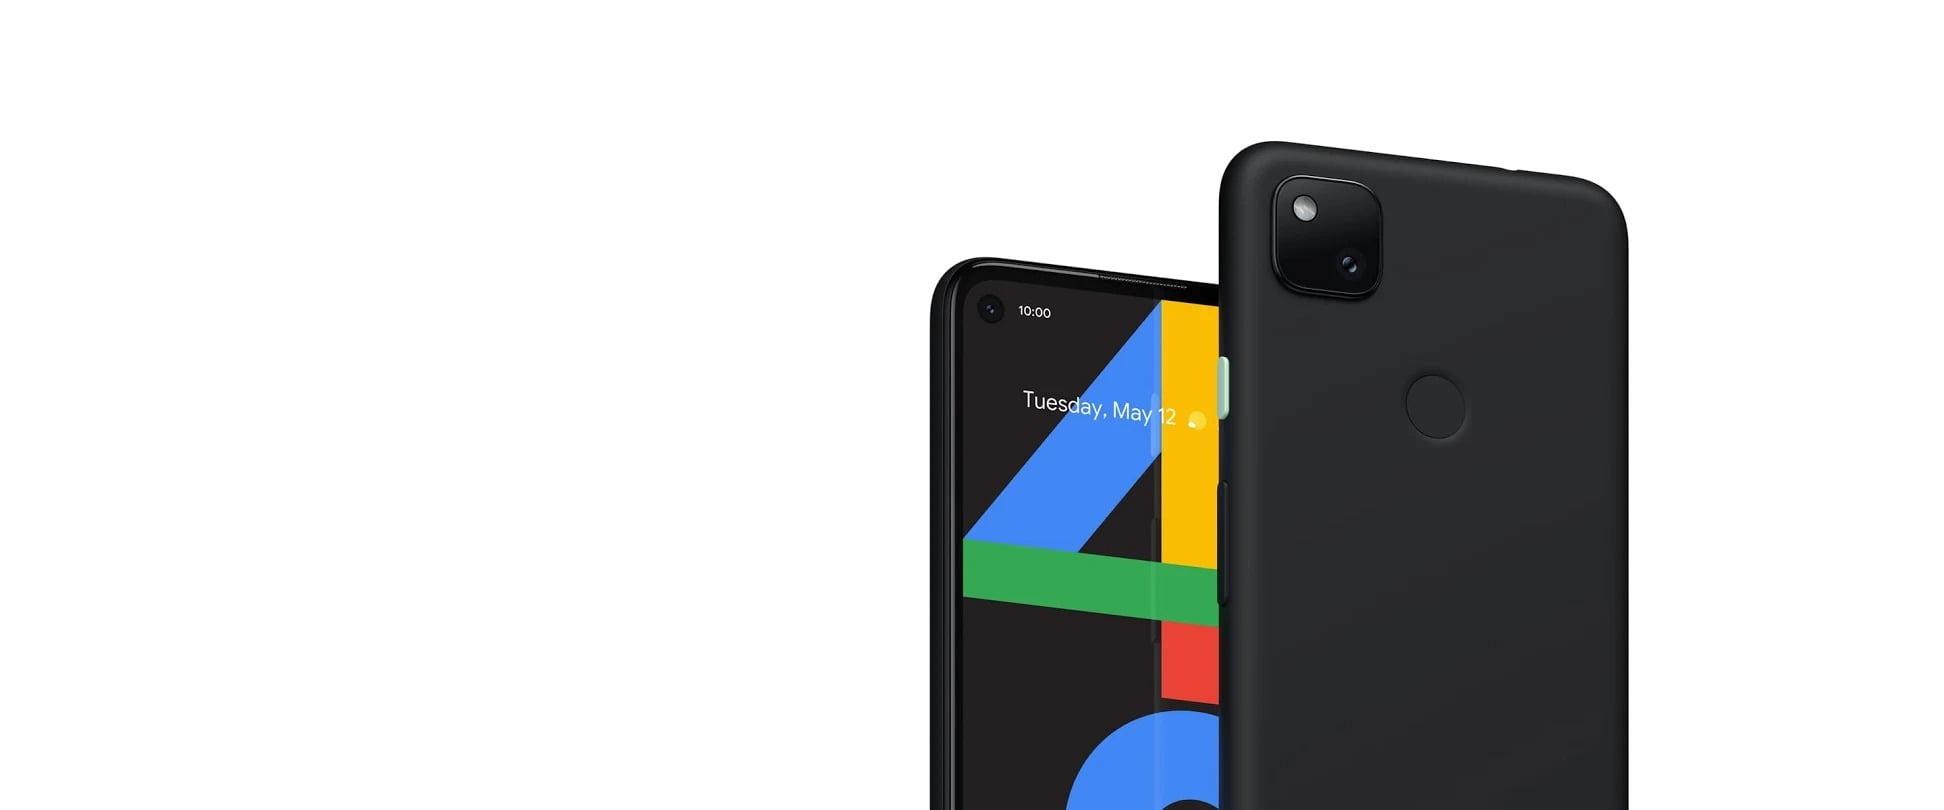 Google Pixel 4a via 9to5google.com/